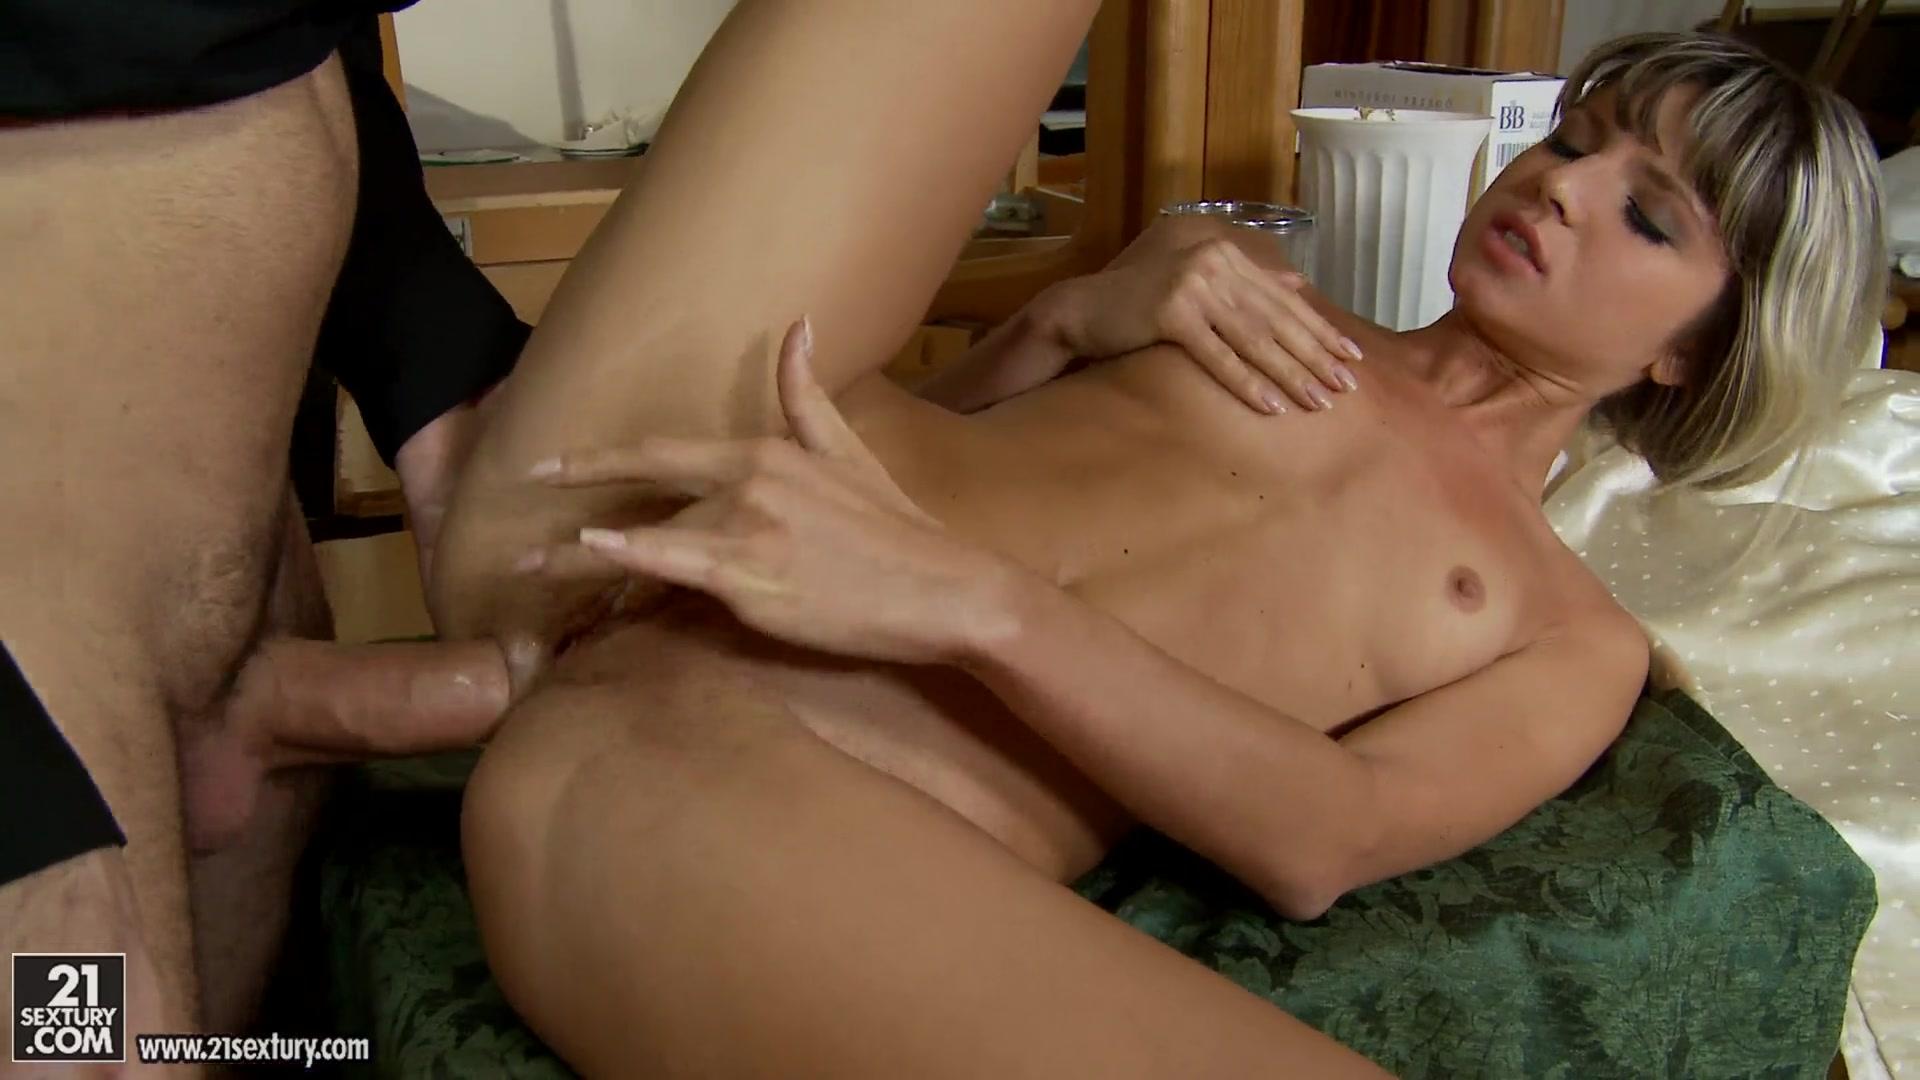 Порно видео разрыва целки